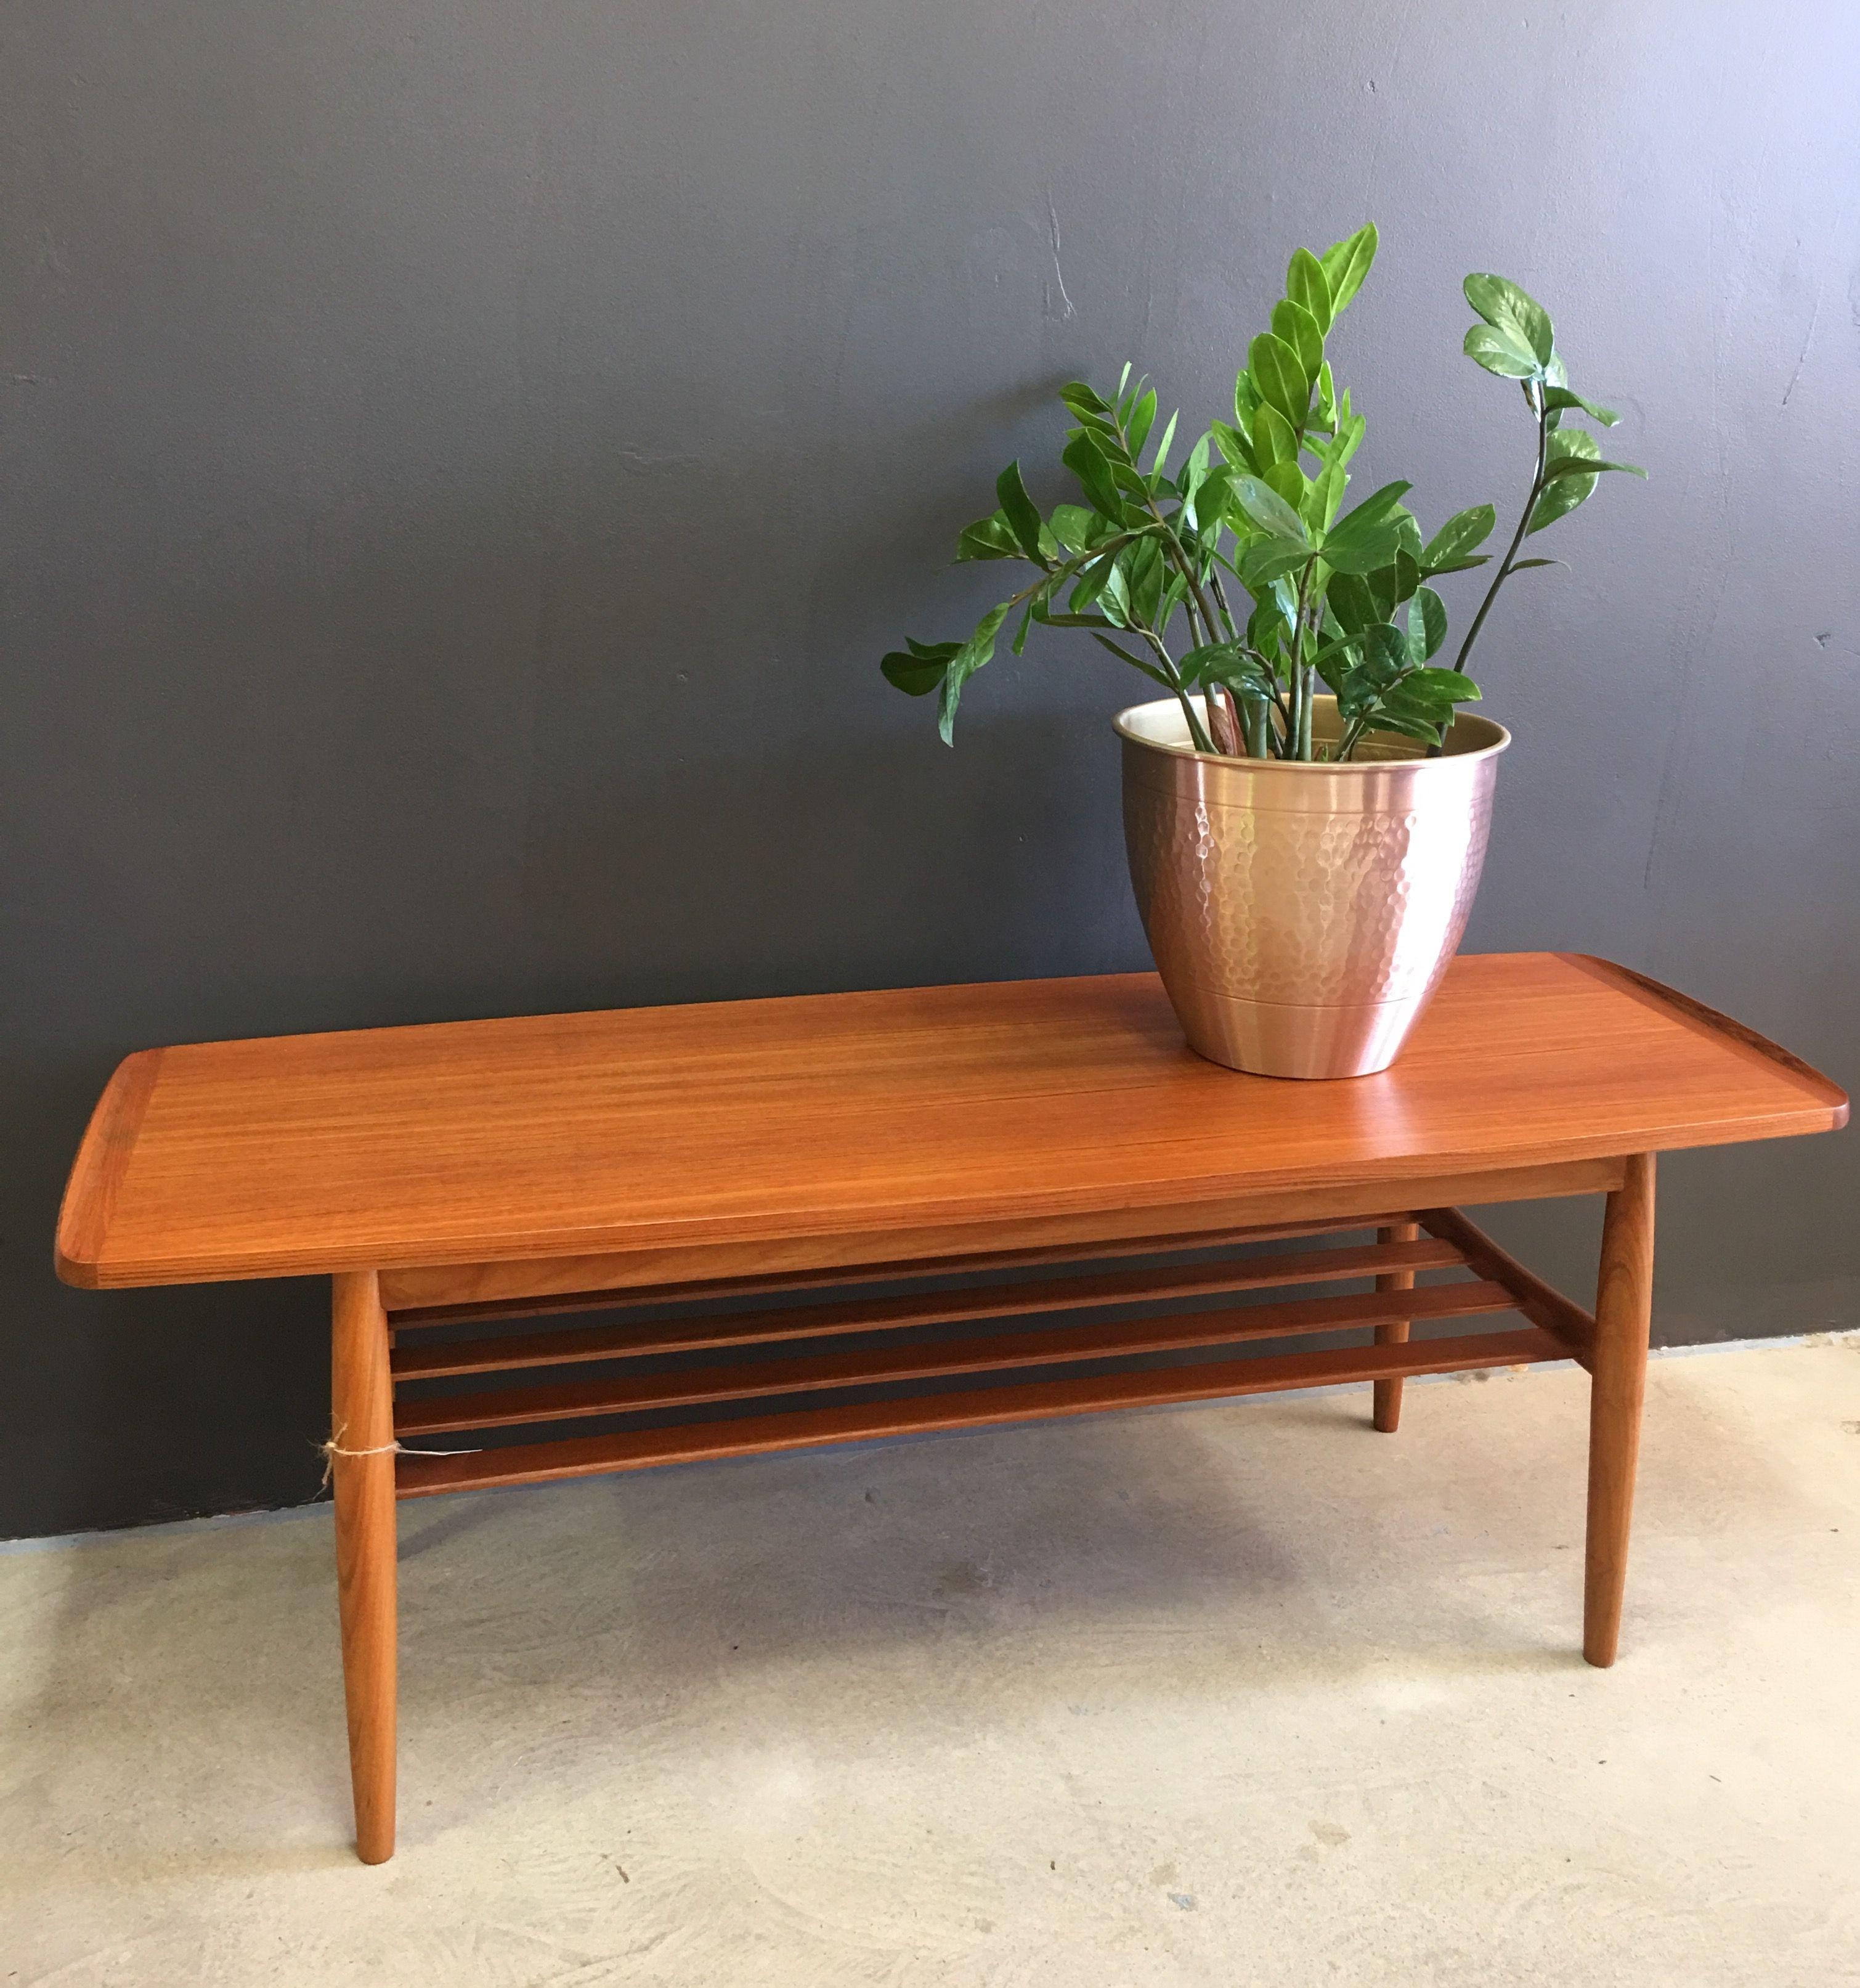 SOLD Parker furniture vintage restored teak coffee table ...